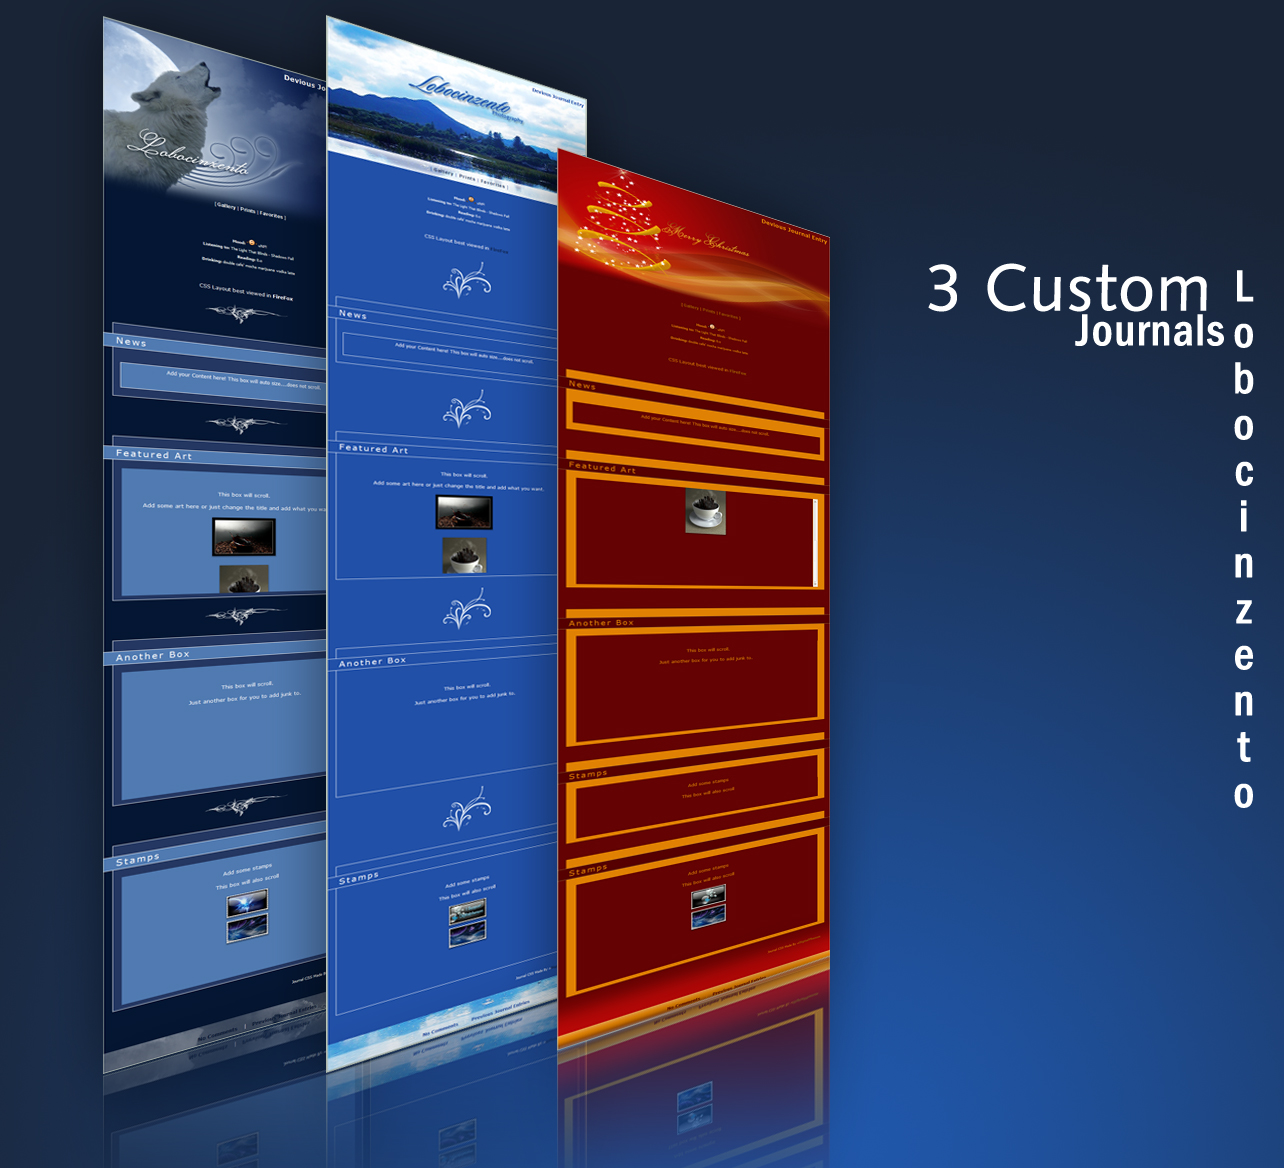 Custom Lobocinzento Journals by DigitalPhenom